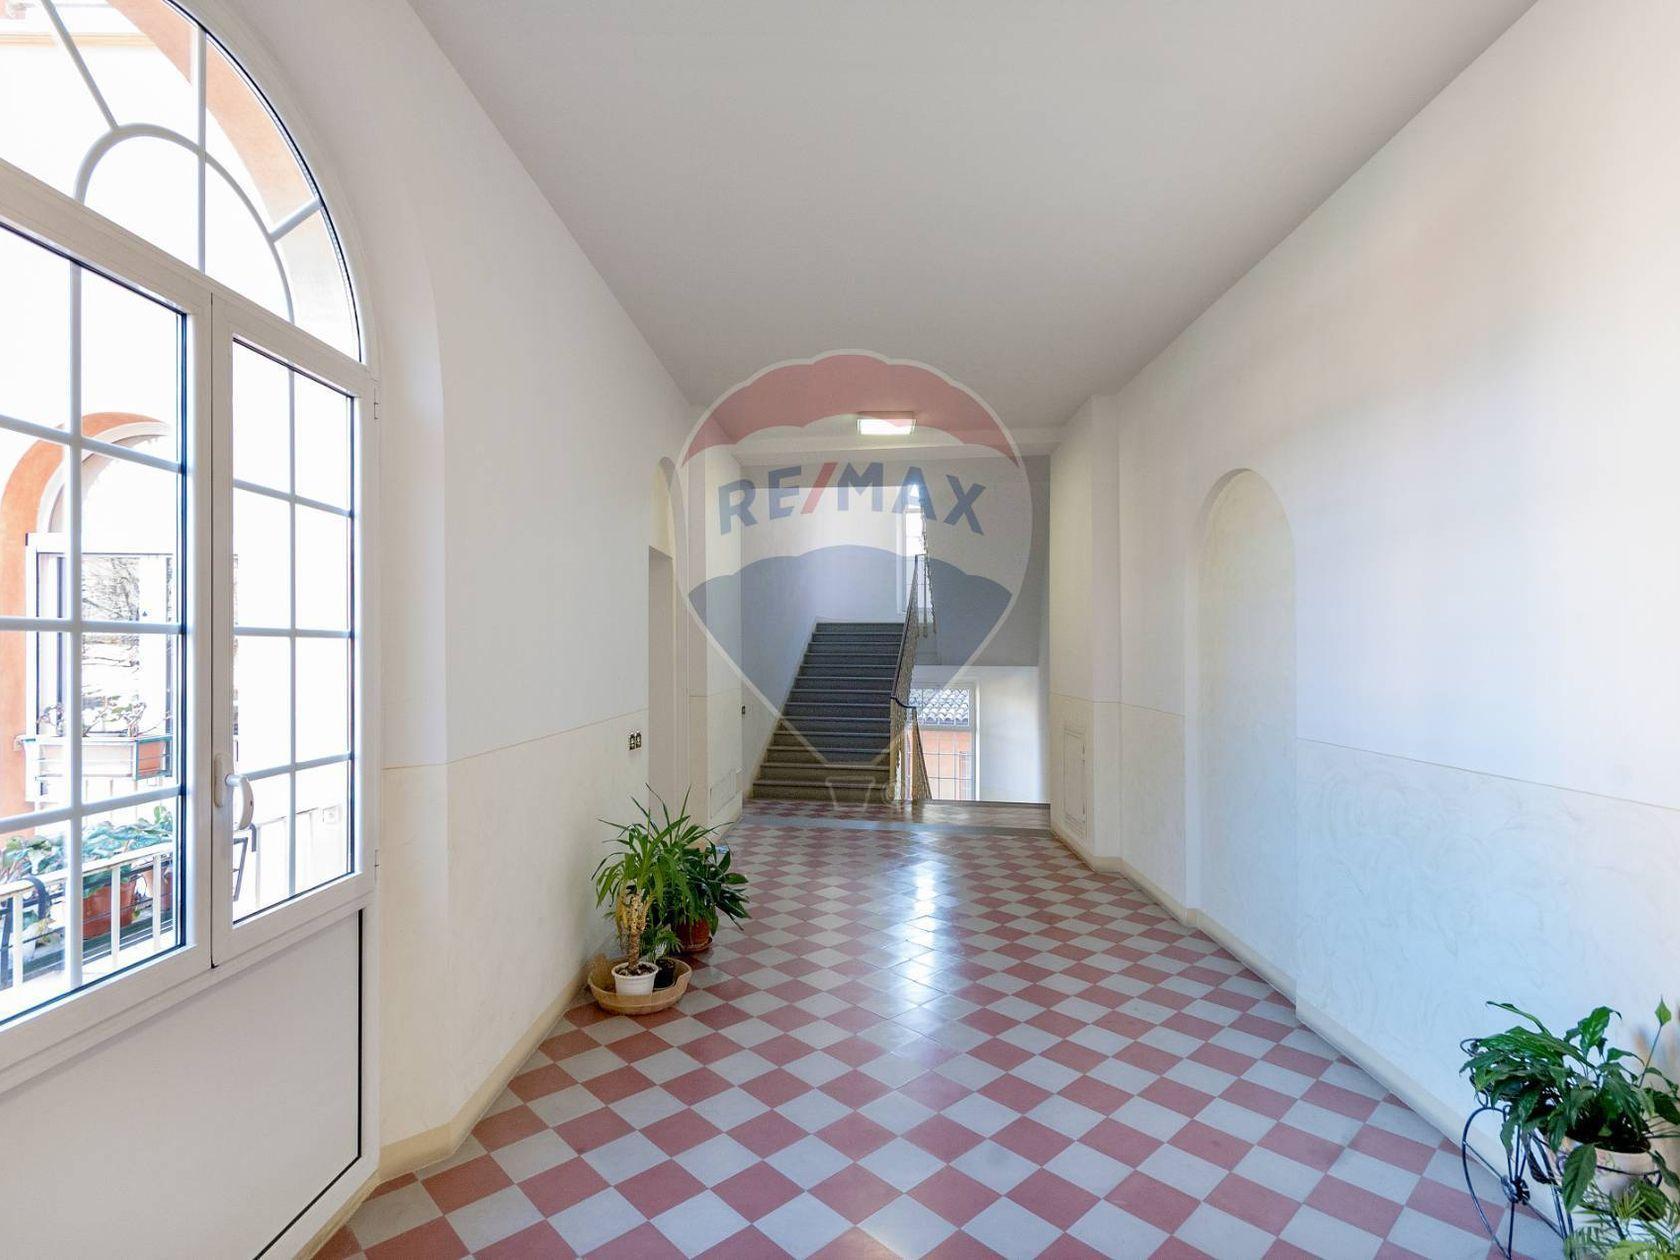 Appartamento Zona Centro Storico, San Giovanni in Persiceto, BO Vendita - Foto 6